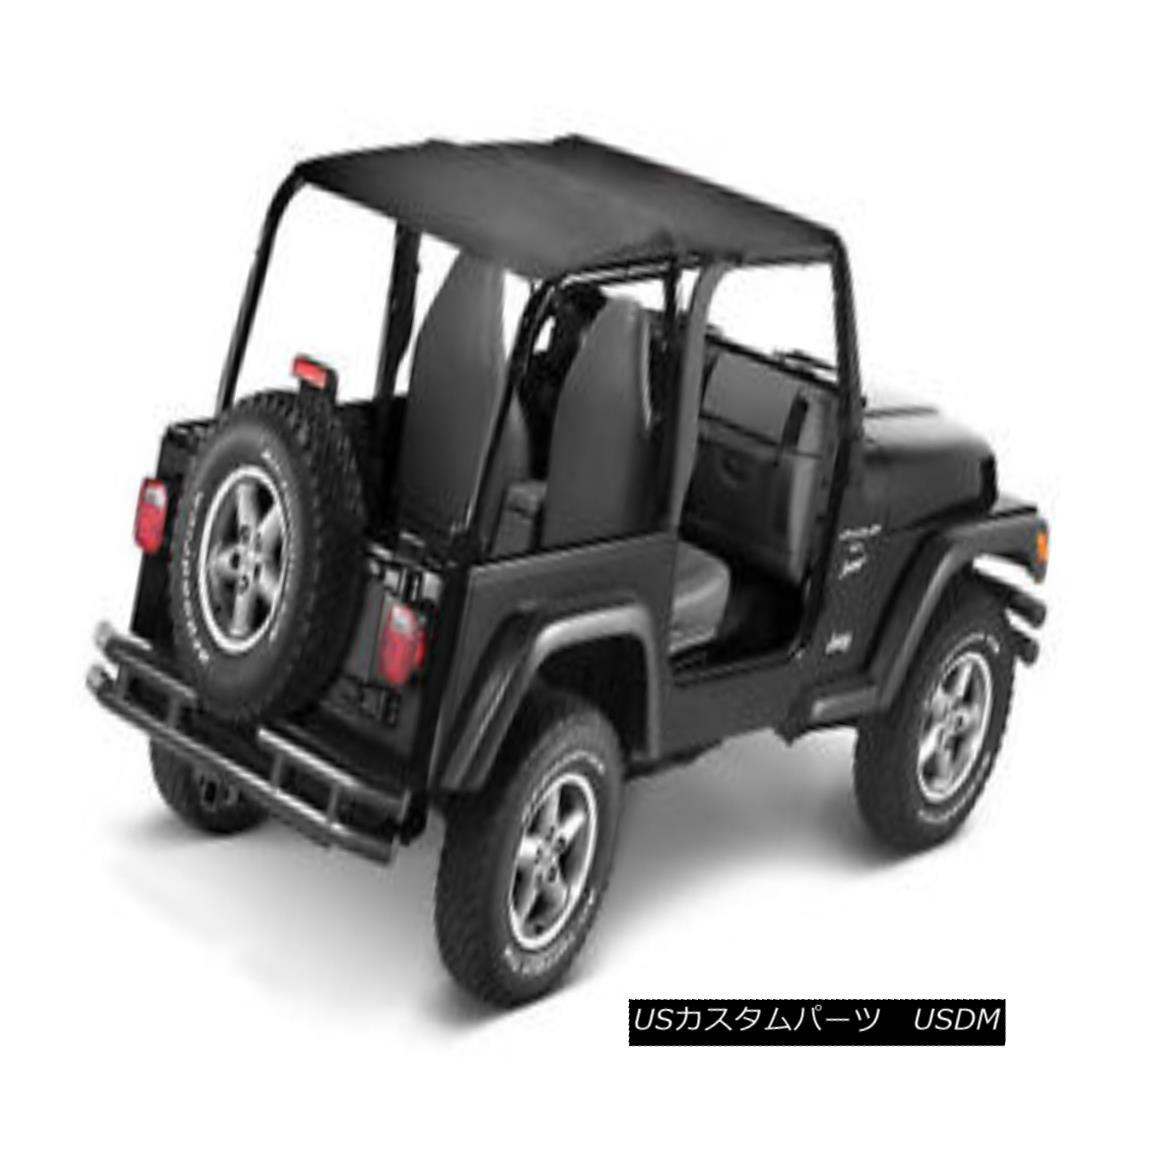 幌・ソフトトップ Bestop Bikini Safari Version for 1992-1995 Jeep Wrangler YJ Black Denim 52529-15 ベスト・ビキニ・サファリ・バージョン1992-1995ジープ・ラングラーYJブラック・デニム52529-15